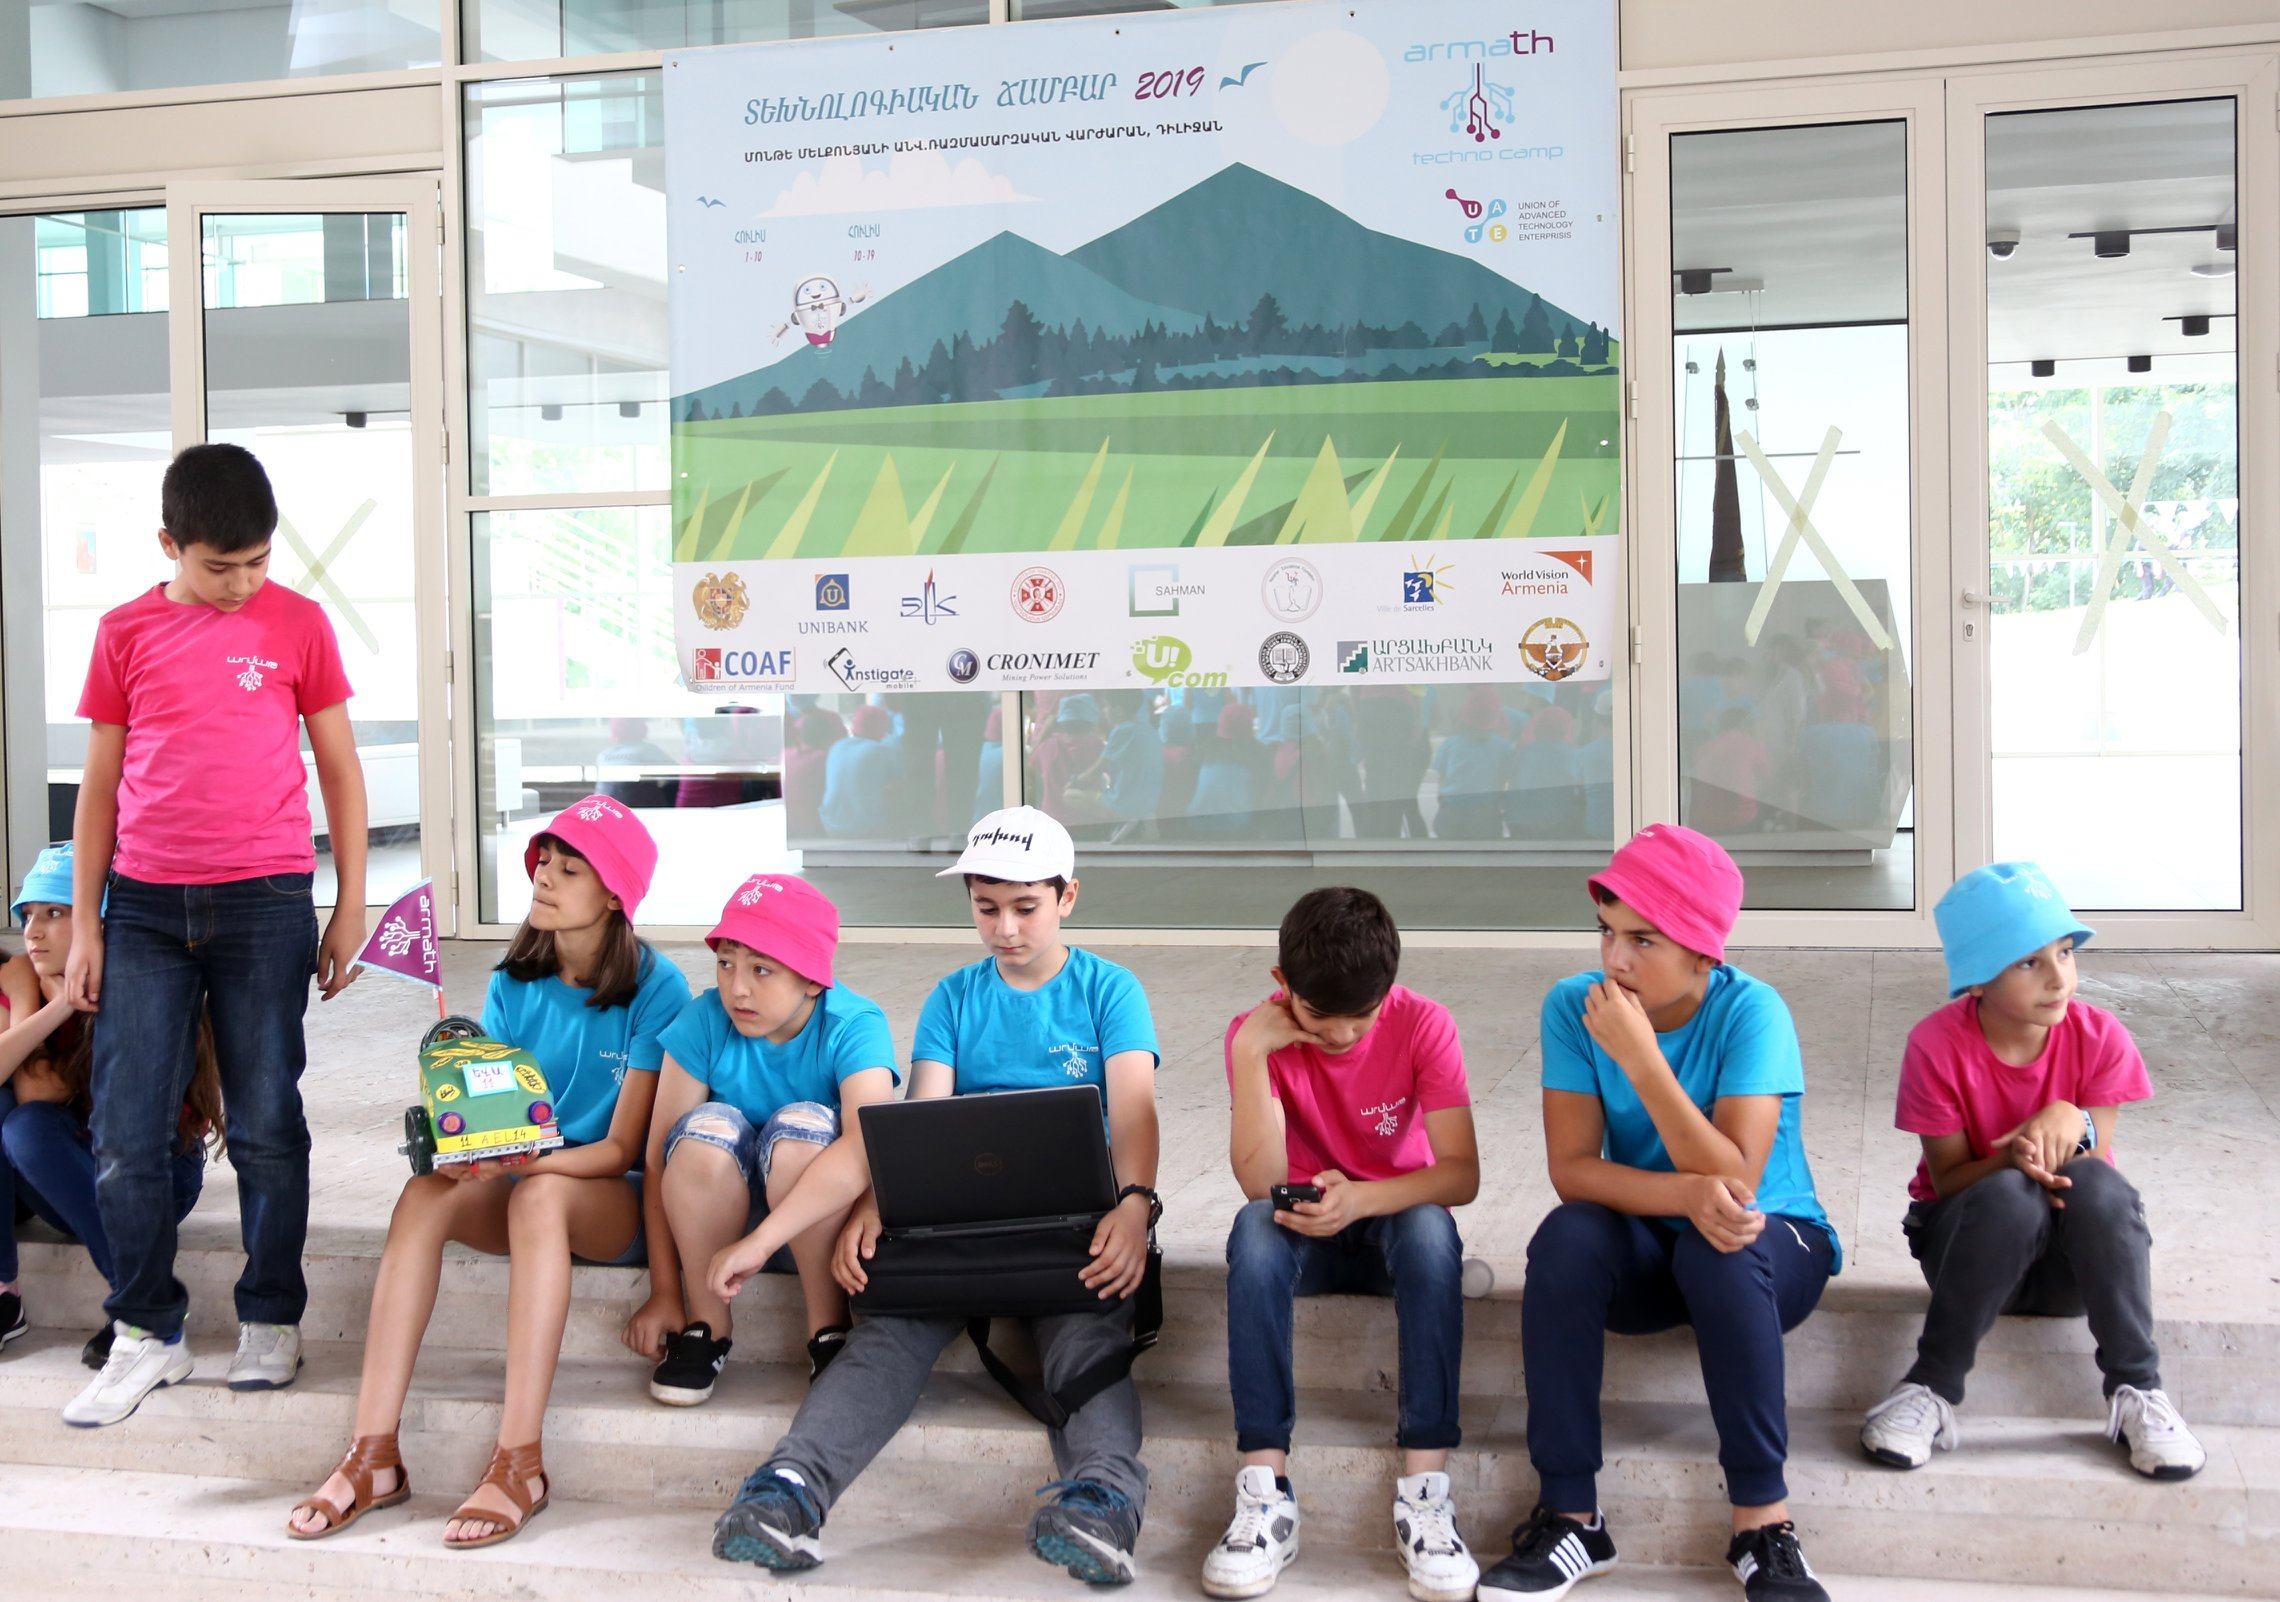 Ucom. Դիլիջանում ամփոփվեցին «Արմաթ» ամառային տեխնոճամբարի առաջին հոսքի արդյունքները